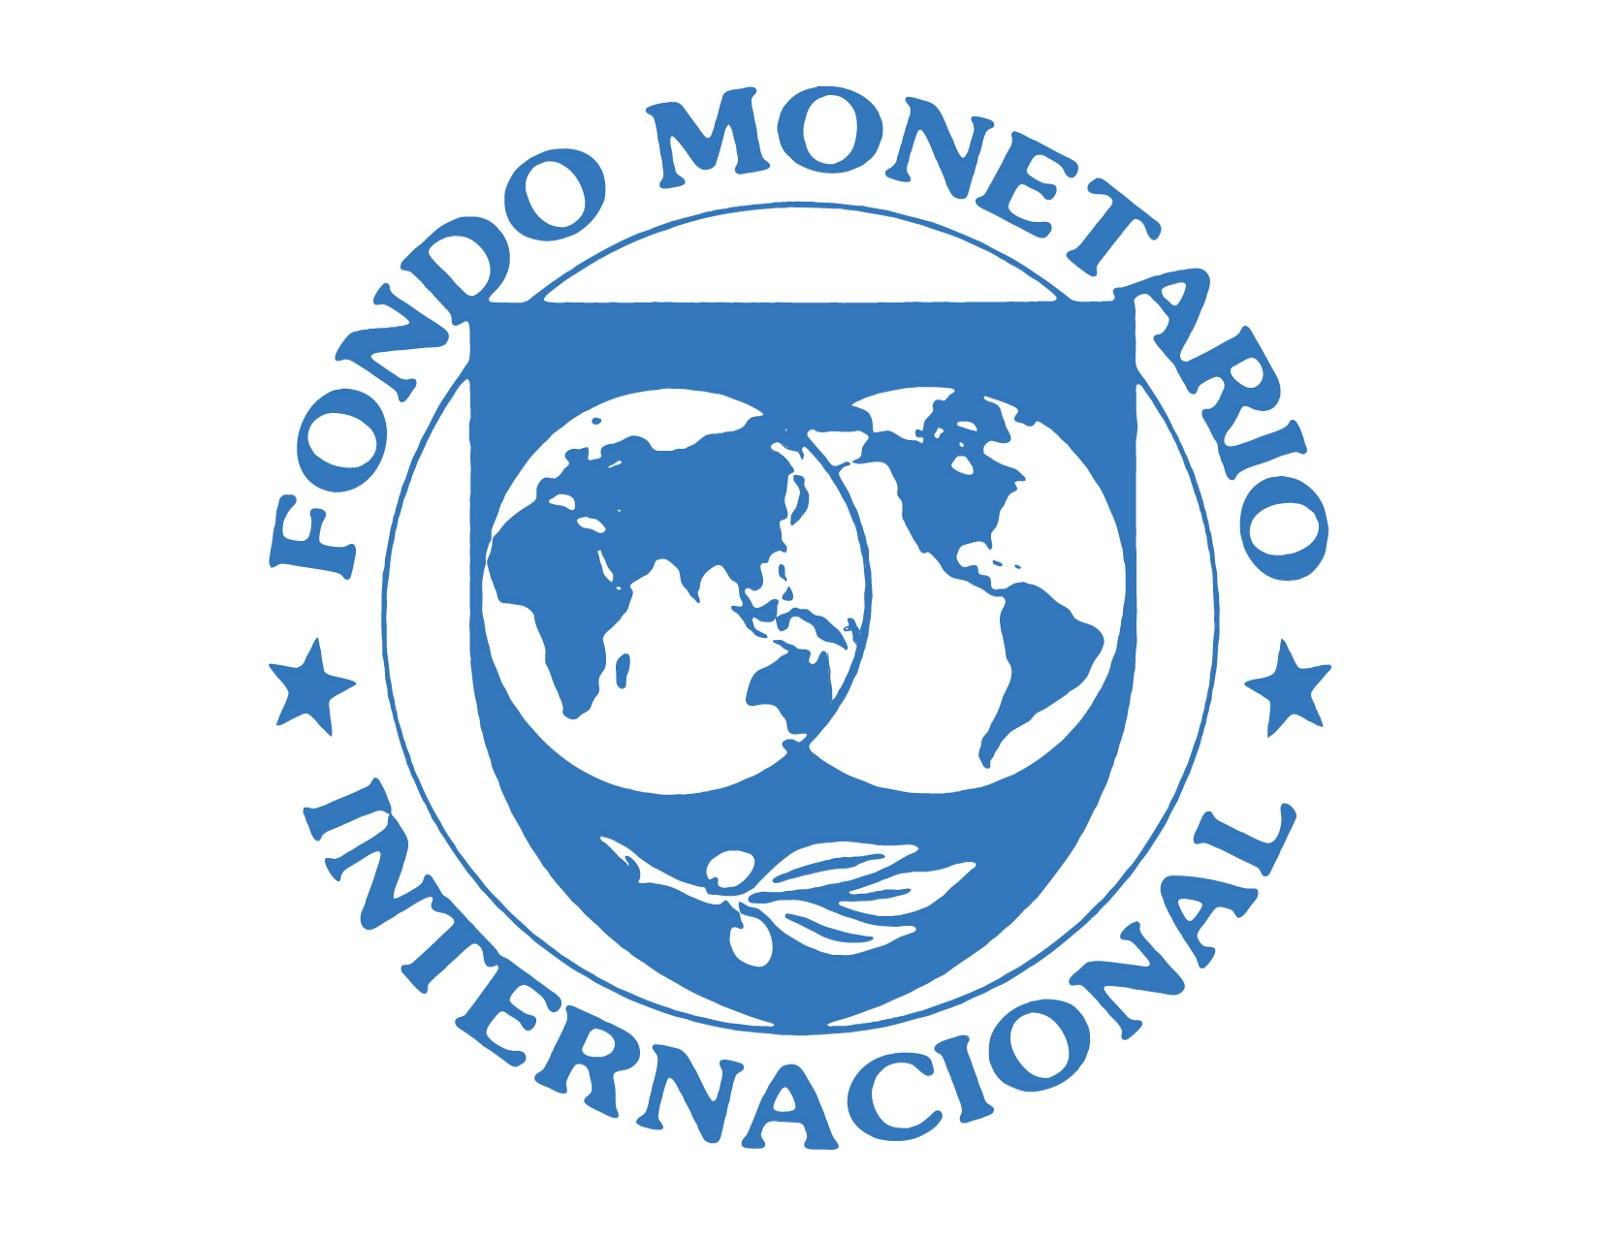 Metas FMI: ya comenzó la carrera contra el reloj